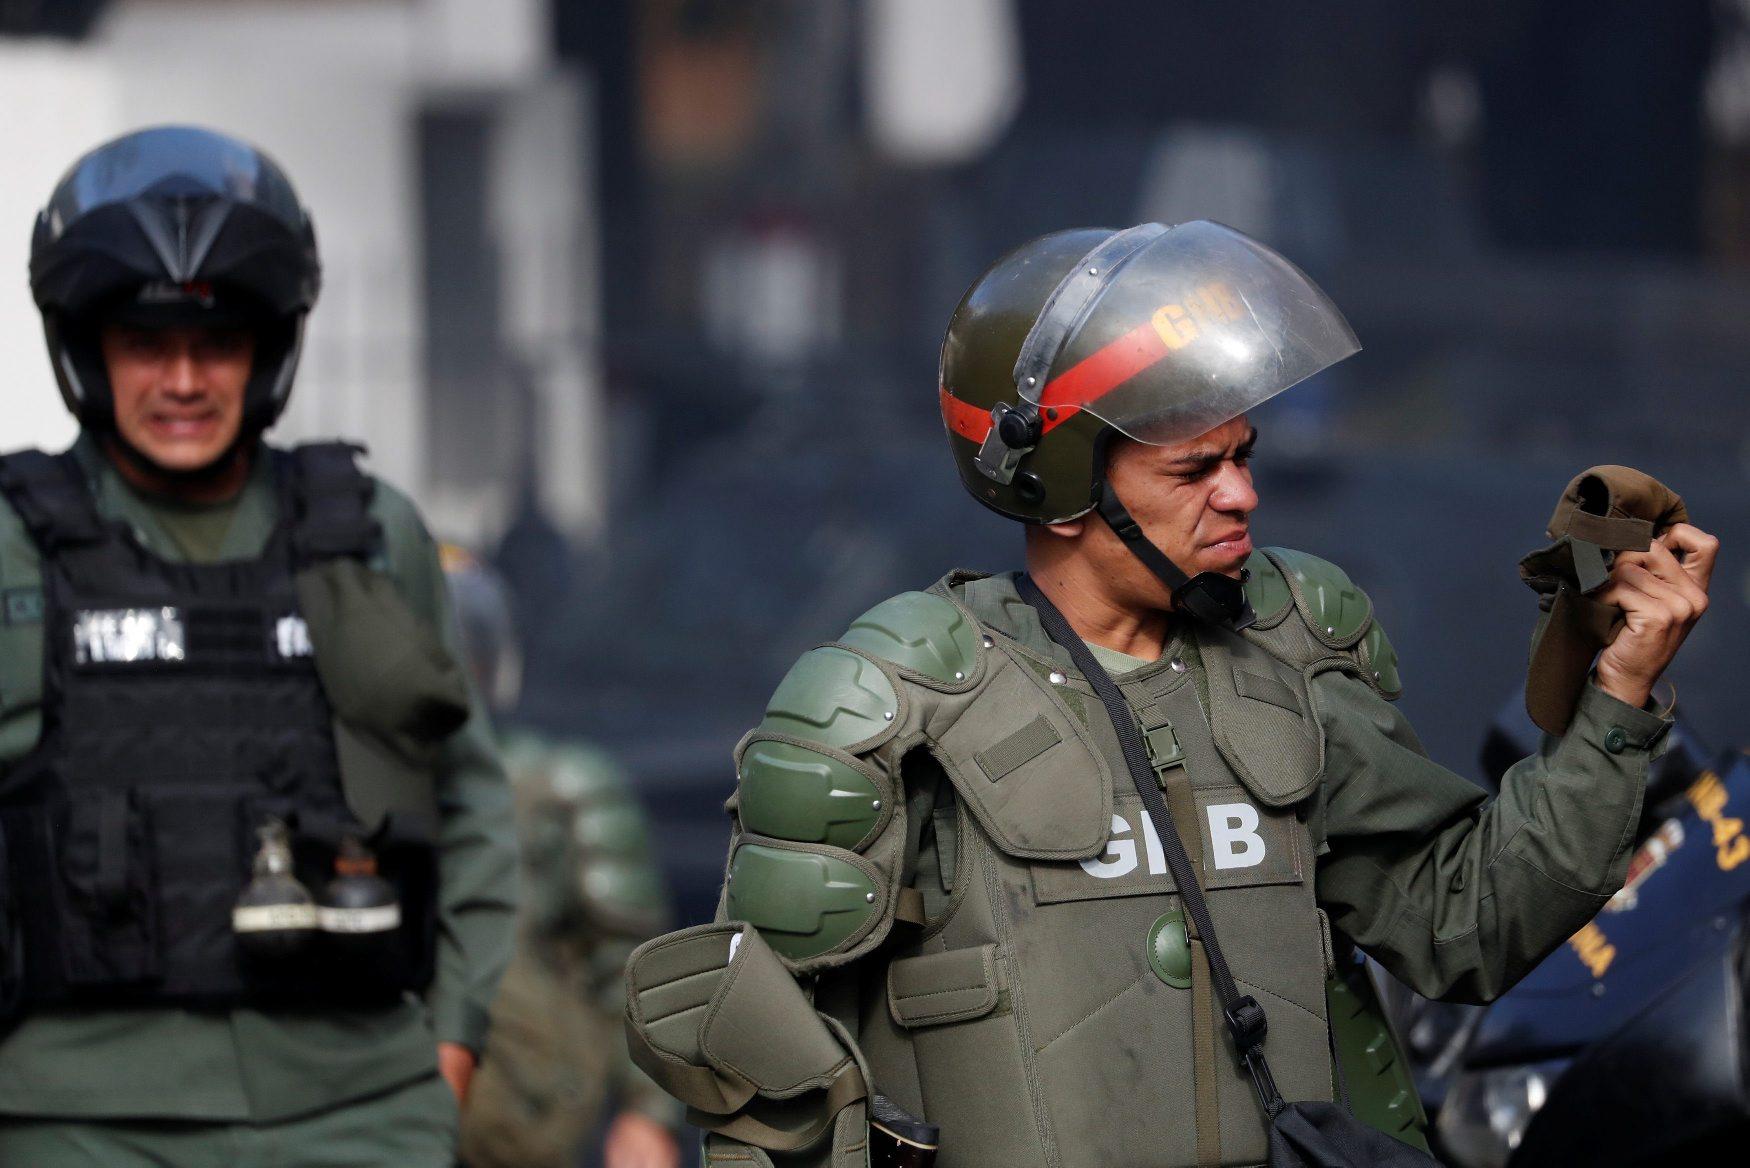 2019-01-21T154304Z_23013896_RC16690B9F70_RTRMADP_3_VENEZUELA-POLITICS